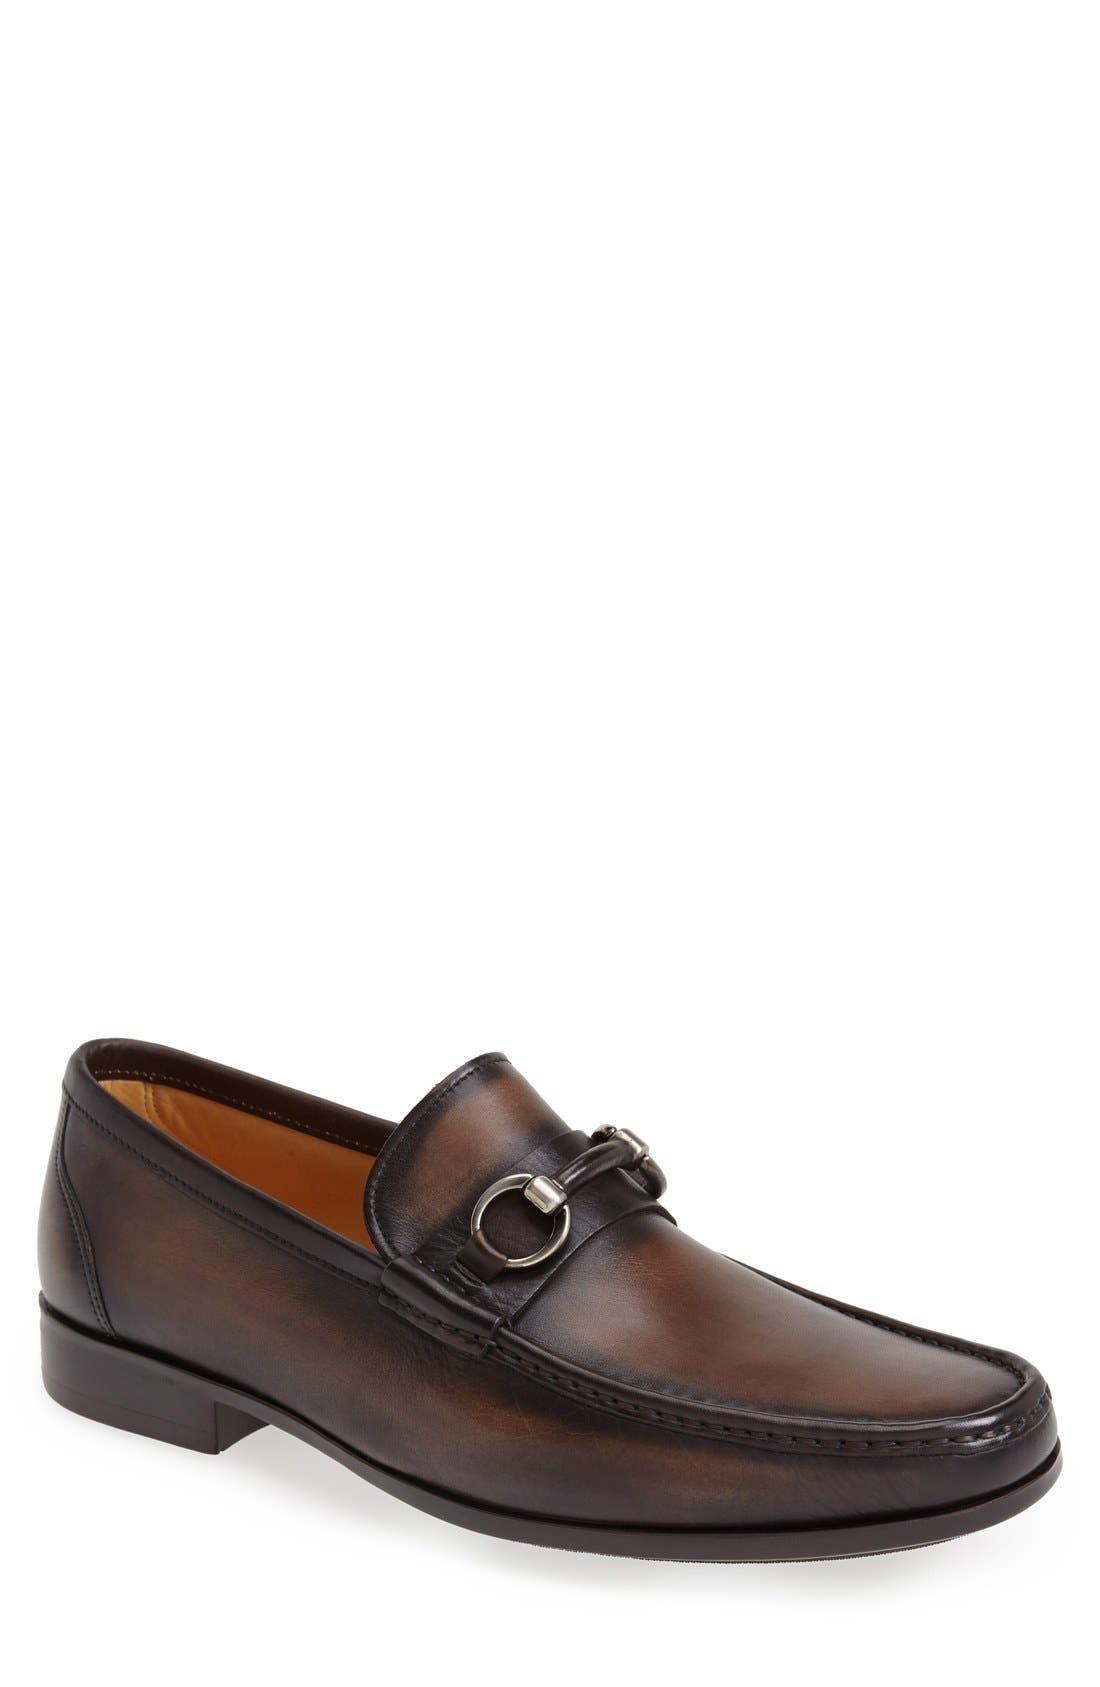 'Blas' Bit Loafer,                         Main,                         color, Brown